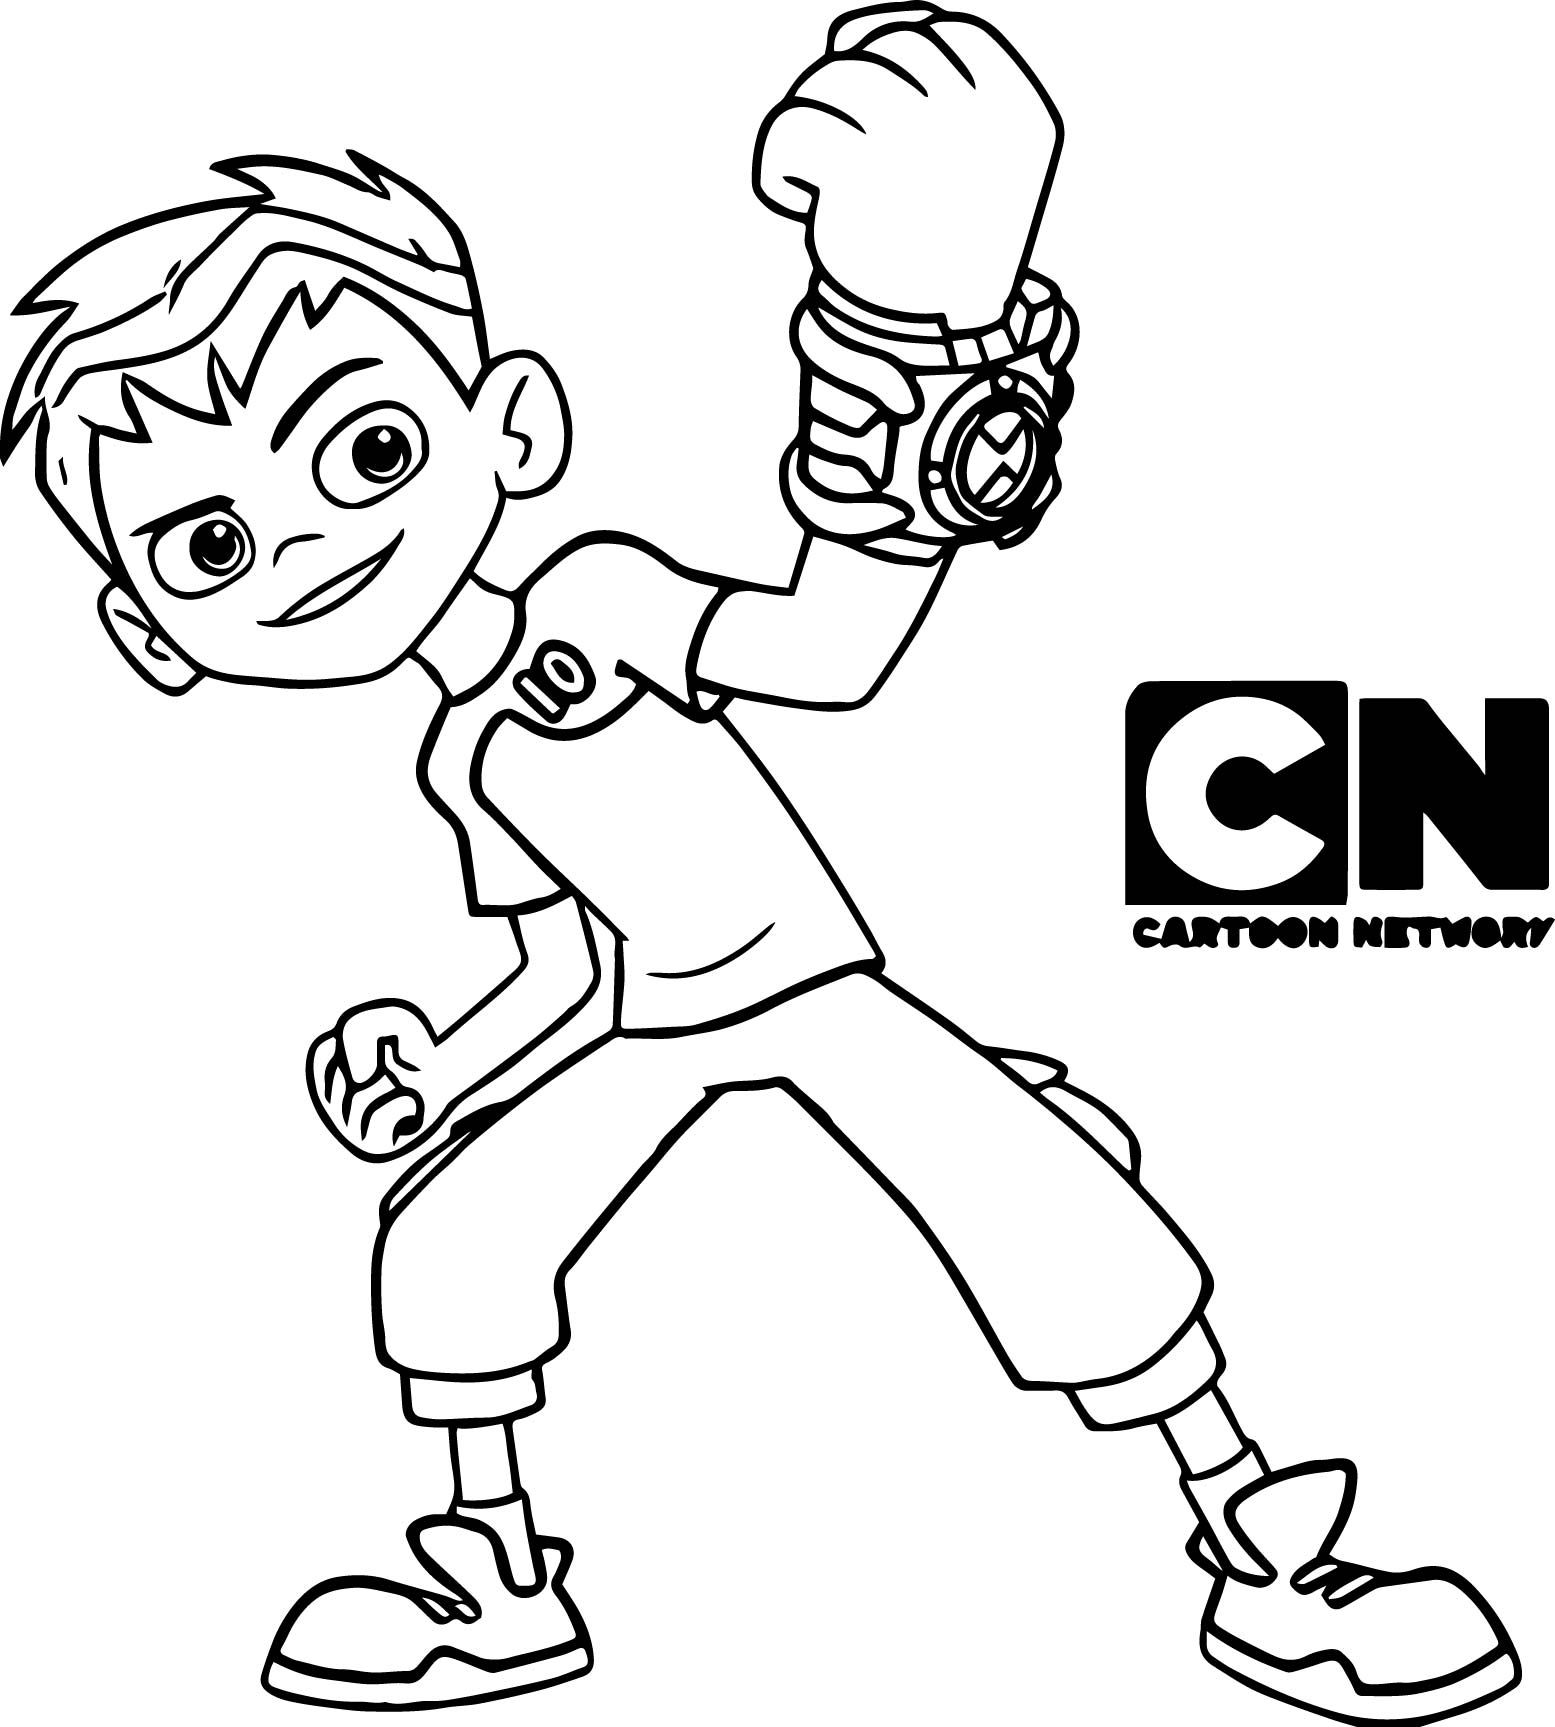 Ben 10 cartoon Coloring Page